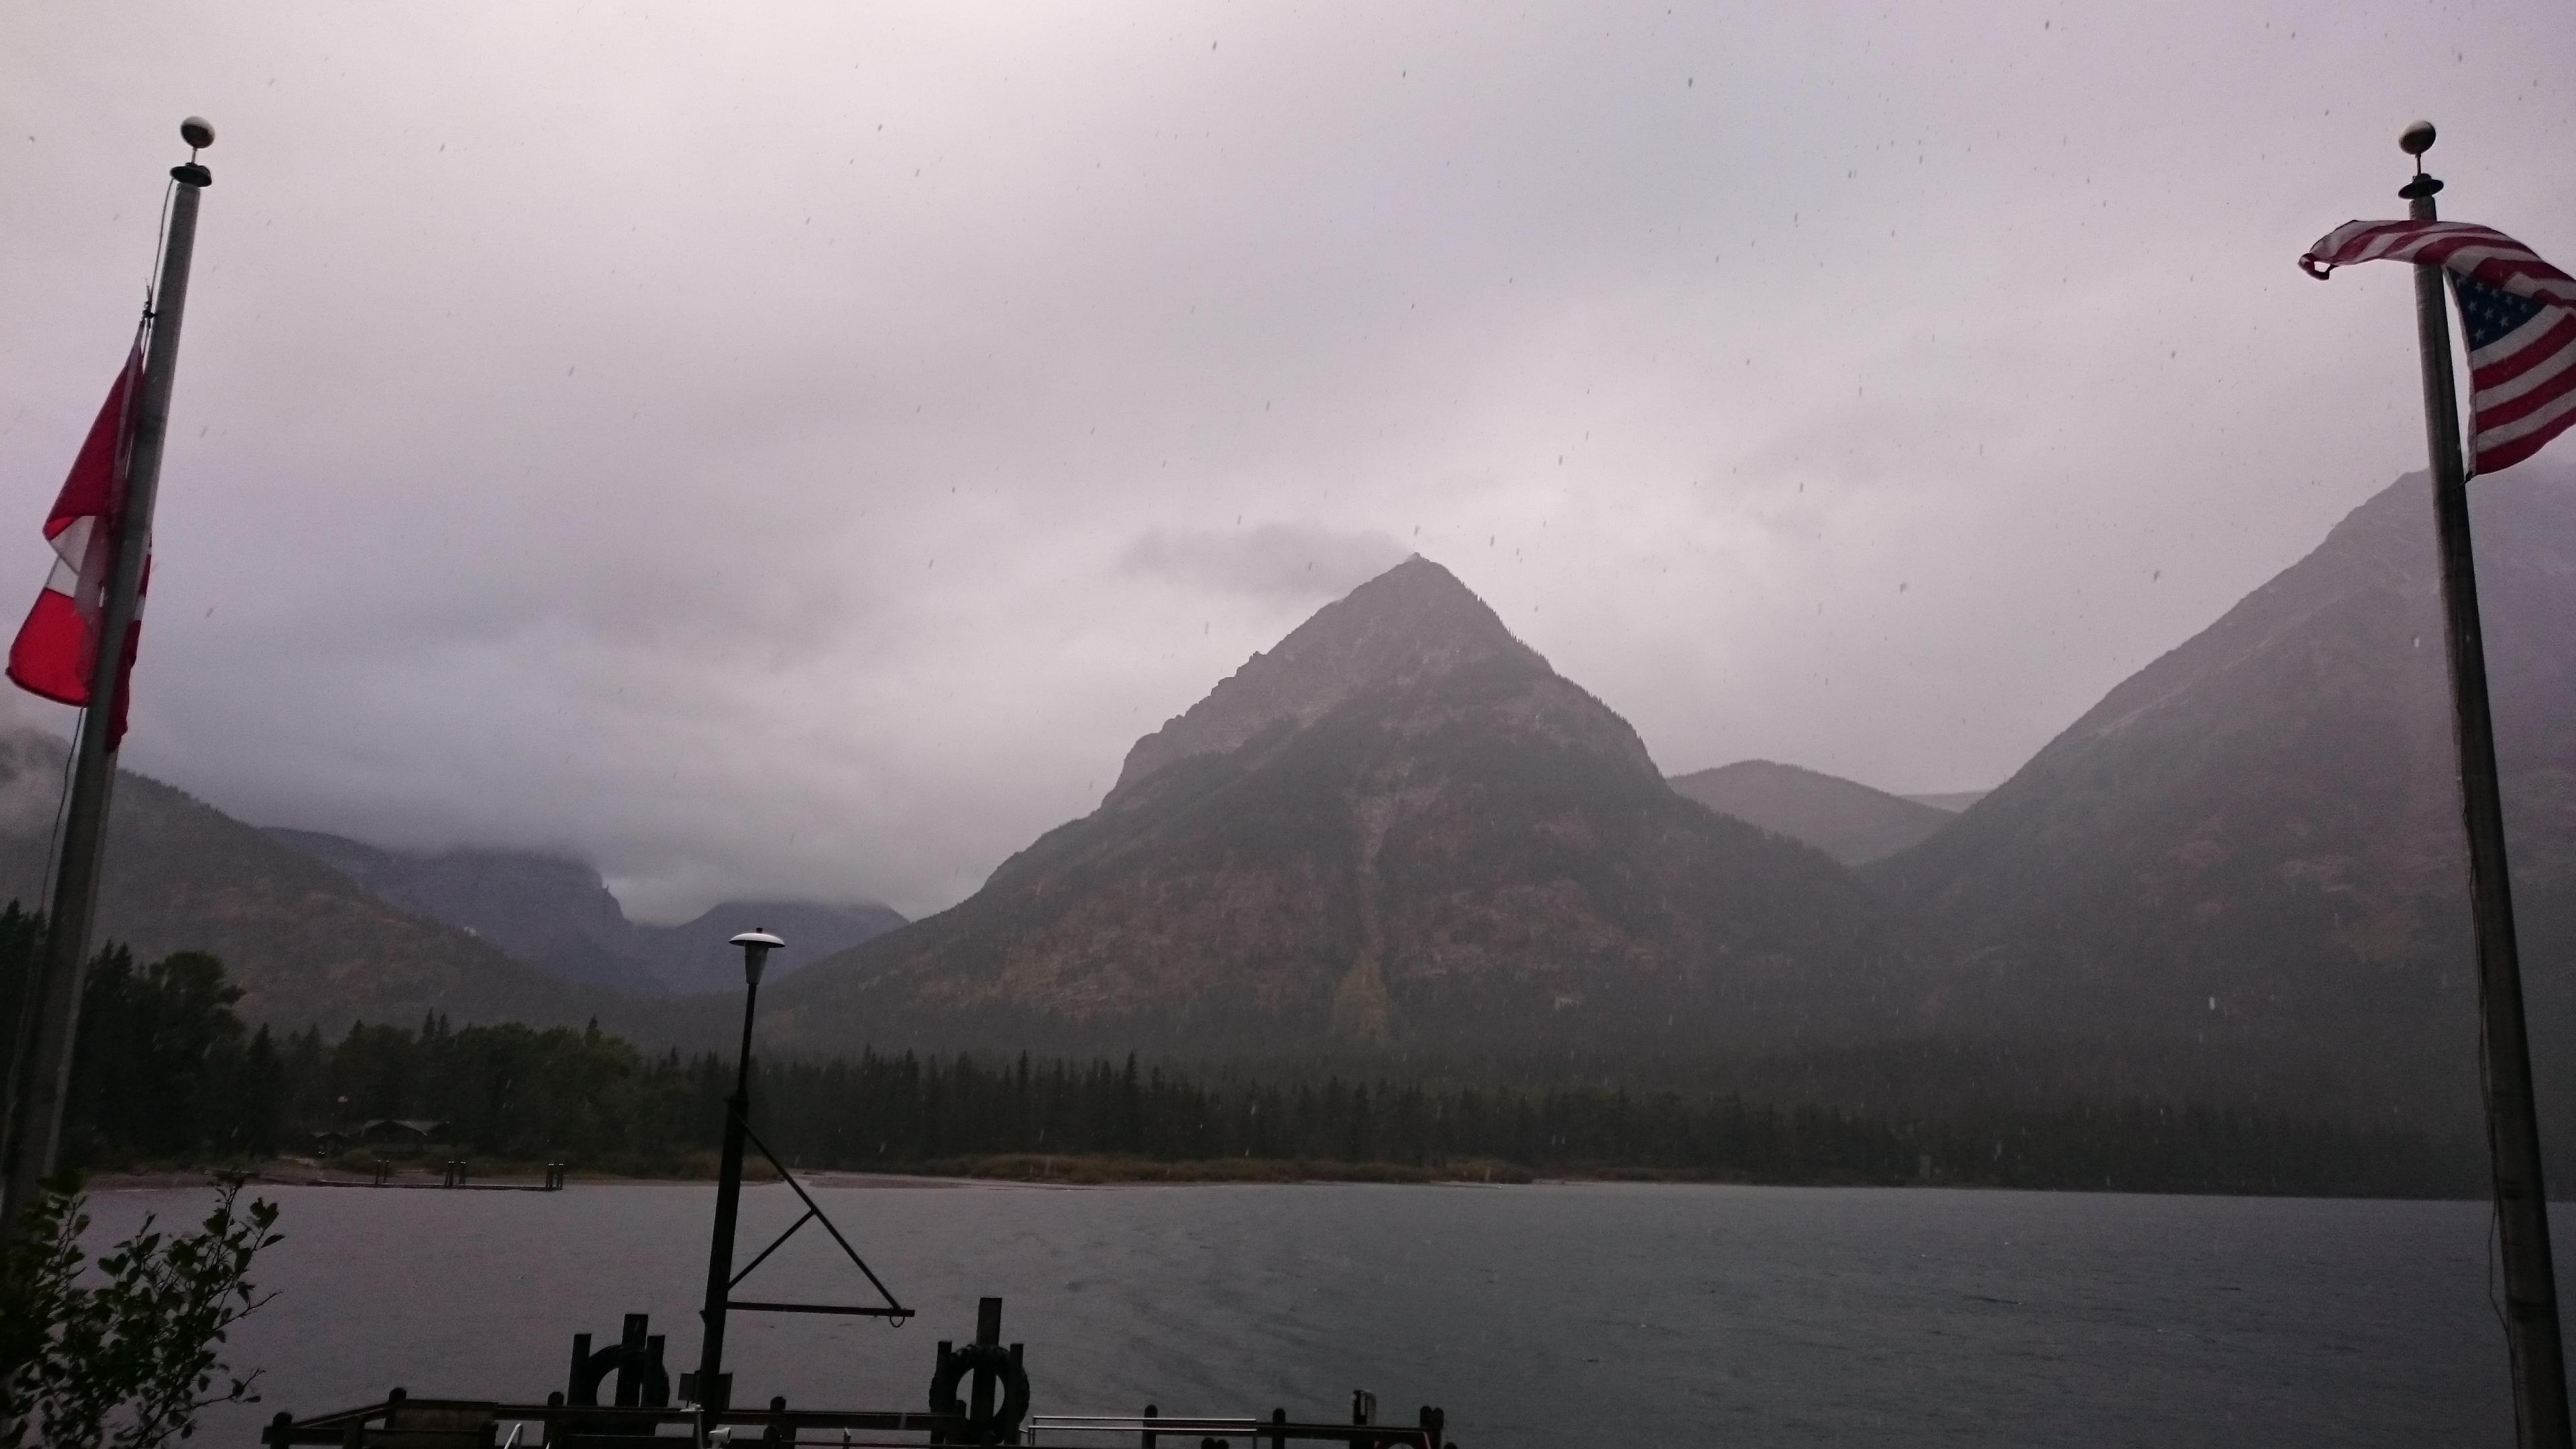 Etappe 119 glacier np 7 canada trail tales - Fenster isolieren gegen kalte ...